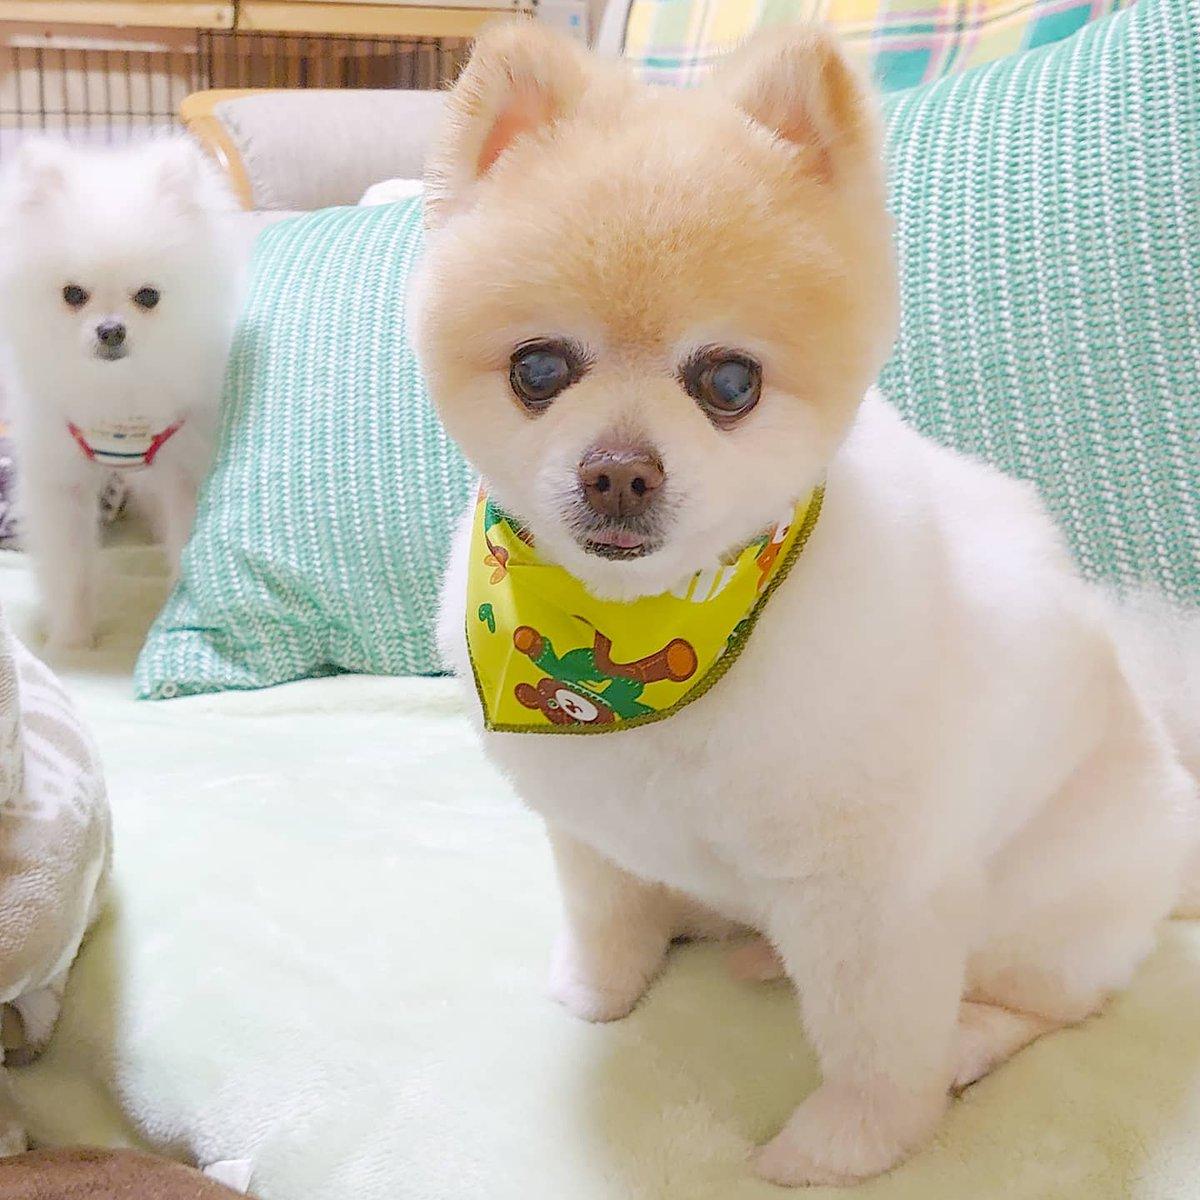 ☆トリミングしてきたっす! 暖かくなってきたので短めに カットしてもらったっすよ! スッキリ✧(๑•̀ω •́๑)b    (•ω•。)ジー  #ポメ #ポメラニアン #pomeranian #wanko #かわいい #moko #ichi #福島 #ふくしま #fukushima #日本 #japan #トリミング #豆柴カットのポメラニアンpic.twitter.com/rsvmT0EWNJ